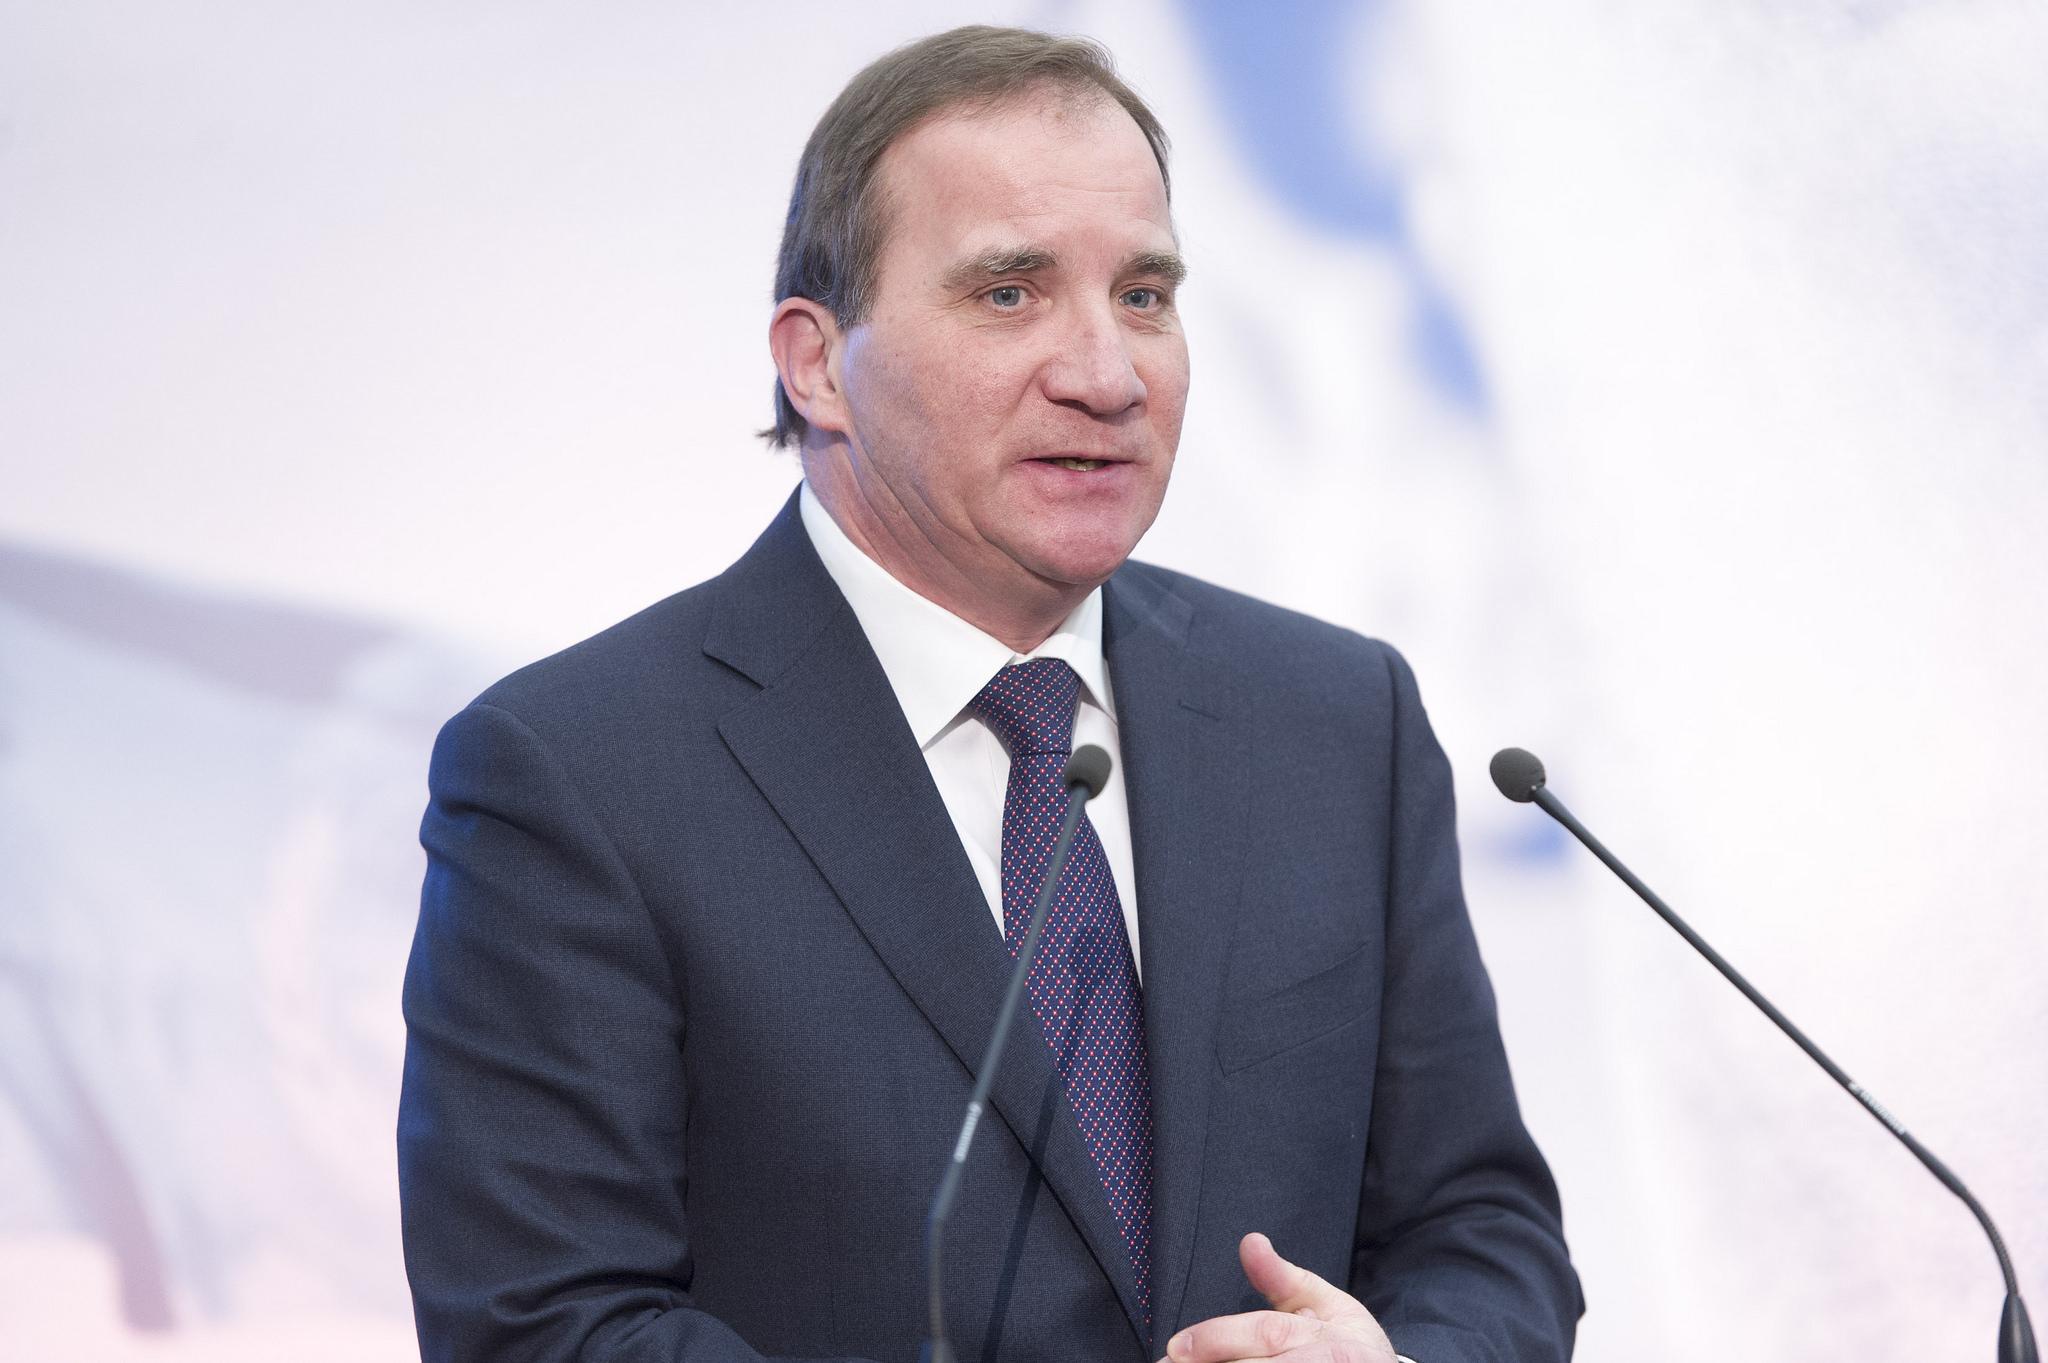 Prime Minister of Sweden, Stefan Löfven